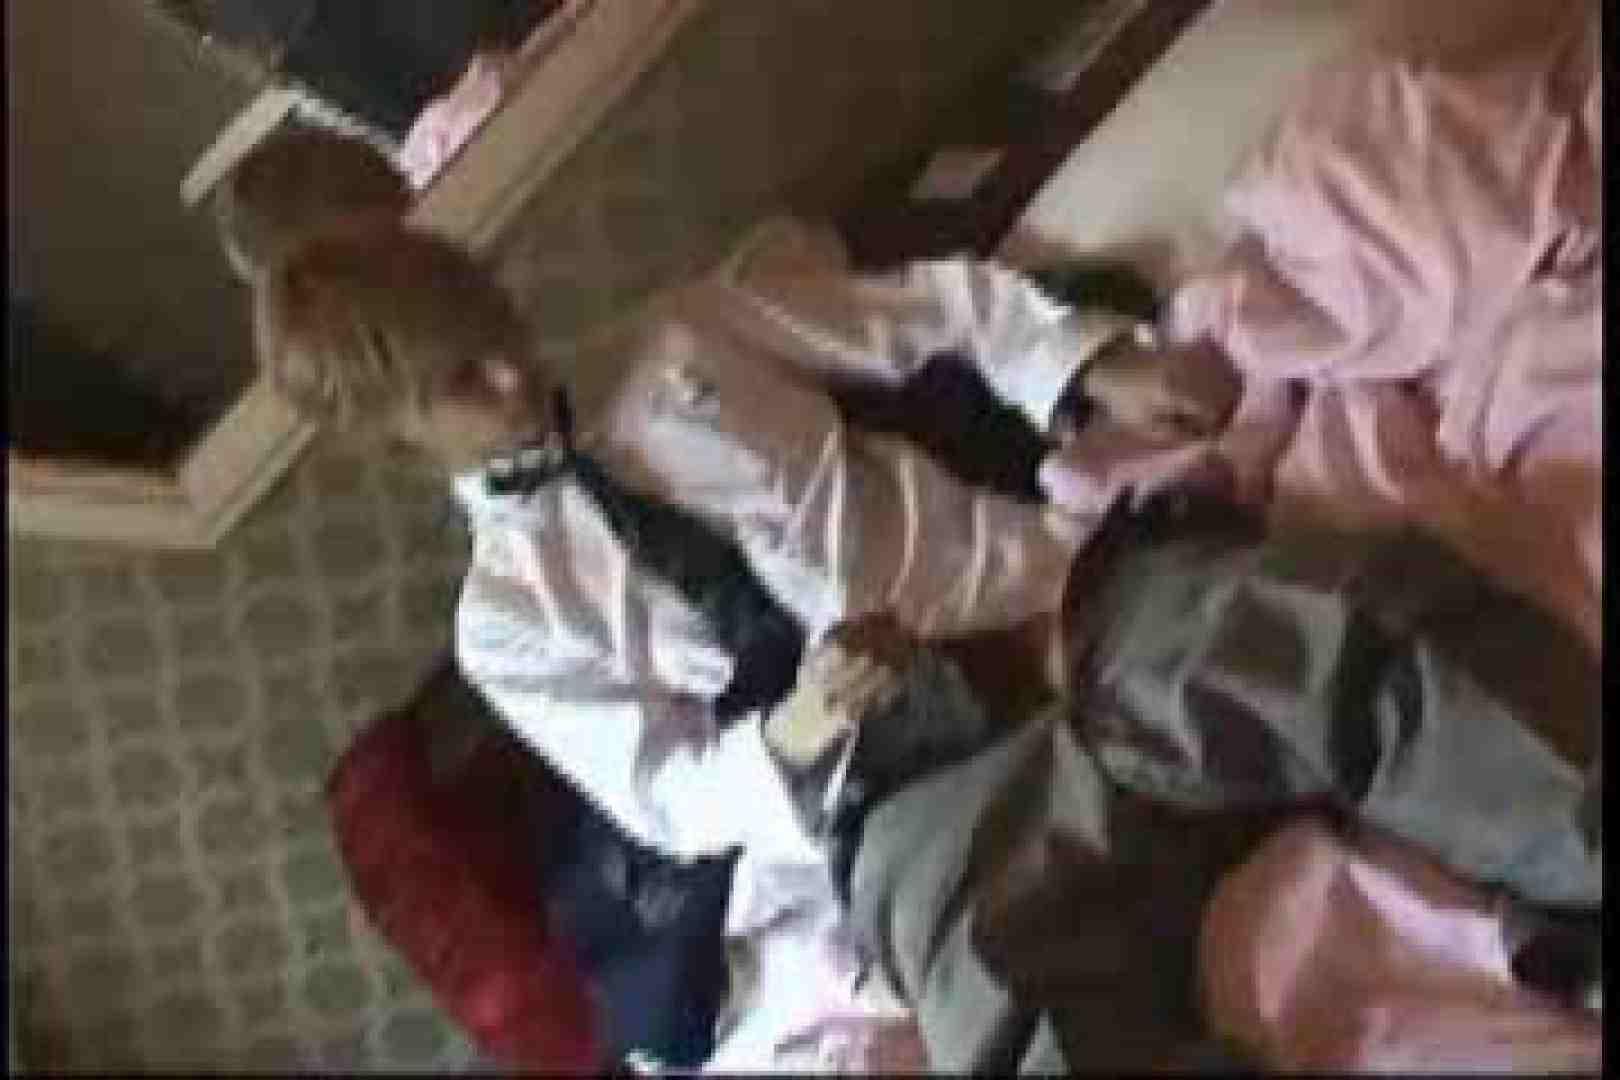 【流出】知られざる僕の秘密…vol.01 オナニー   男まつり アダルトビデオ画像キャプチャ 97枚 34